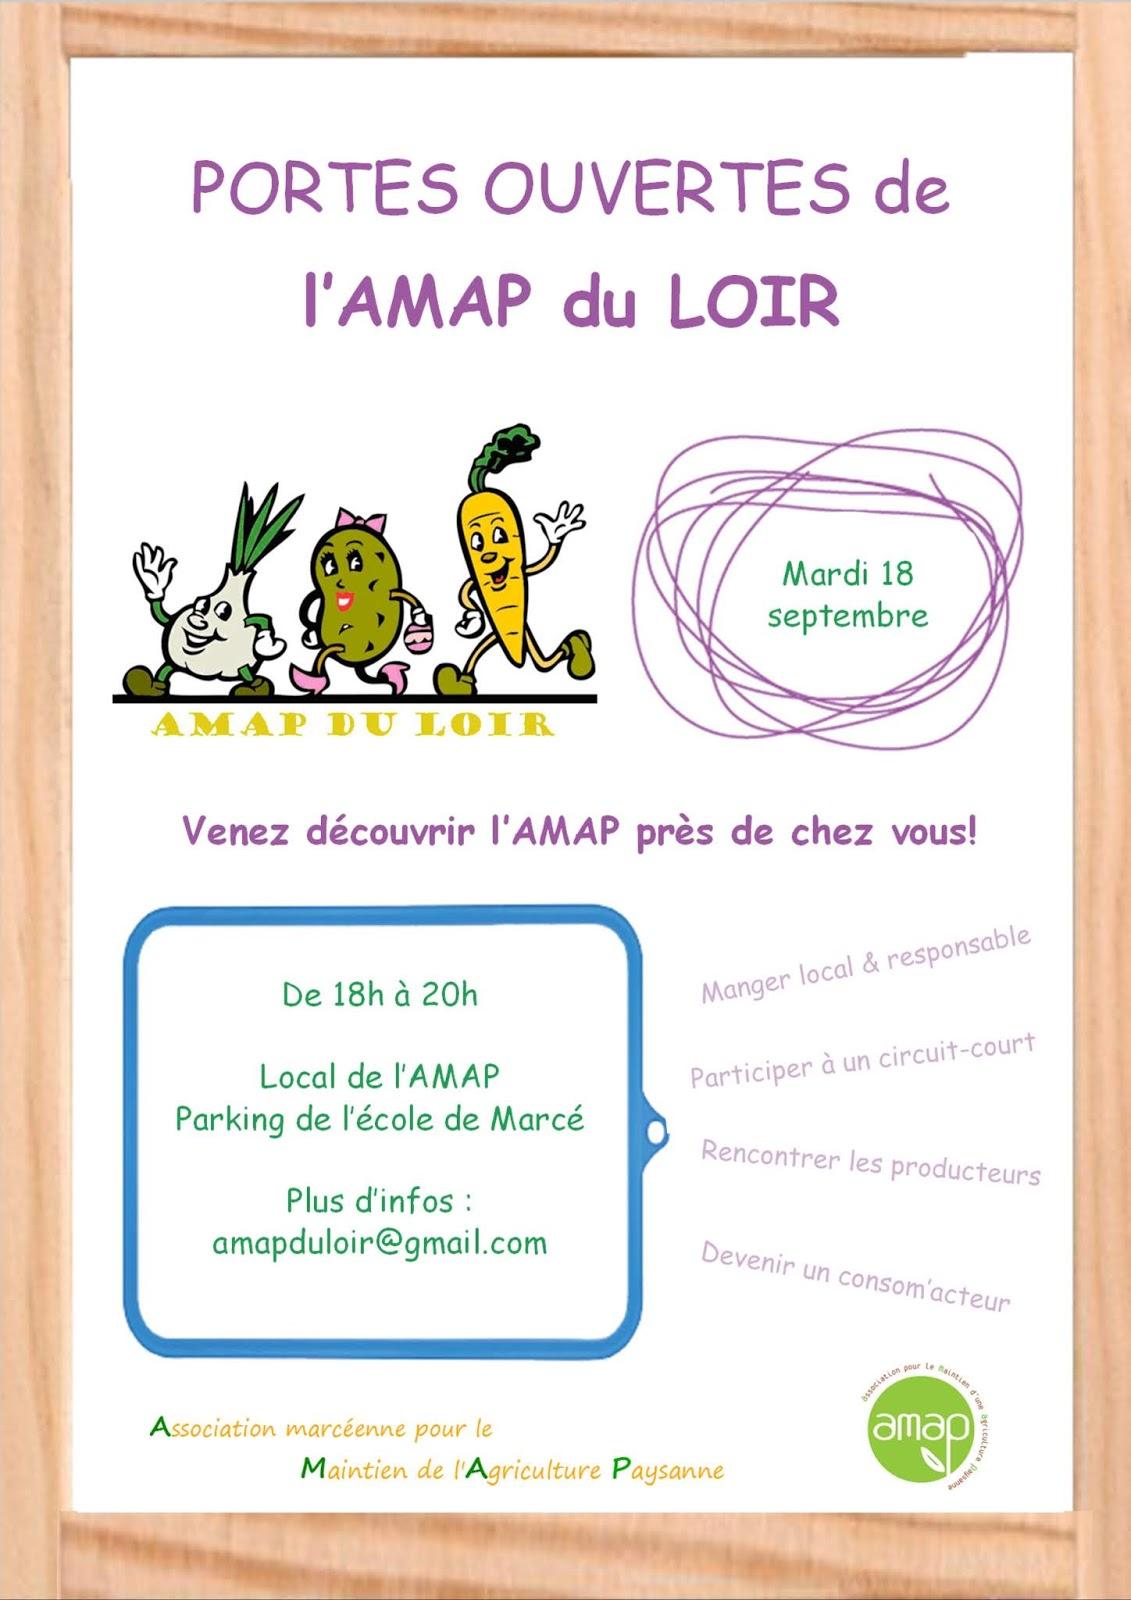 Portes Ouvertes de l'AMAP du Loir